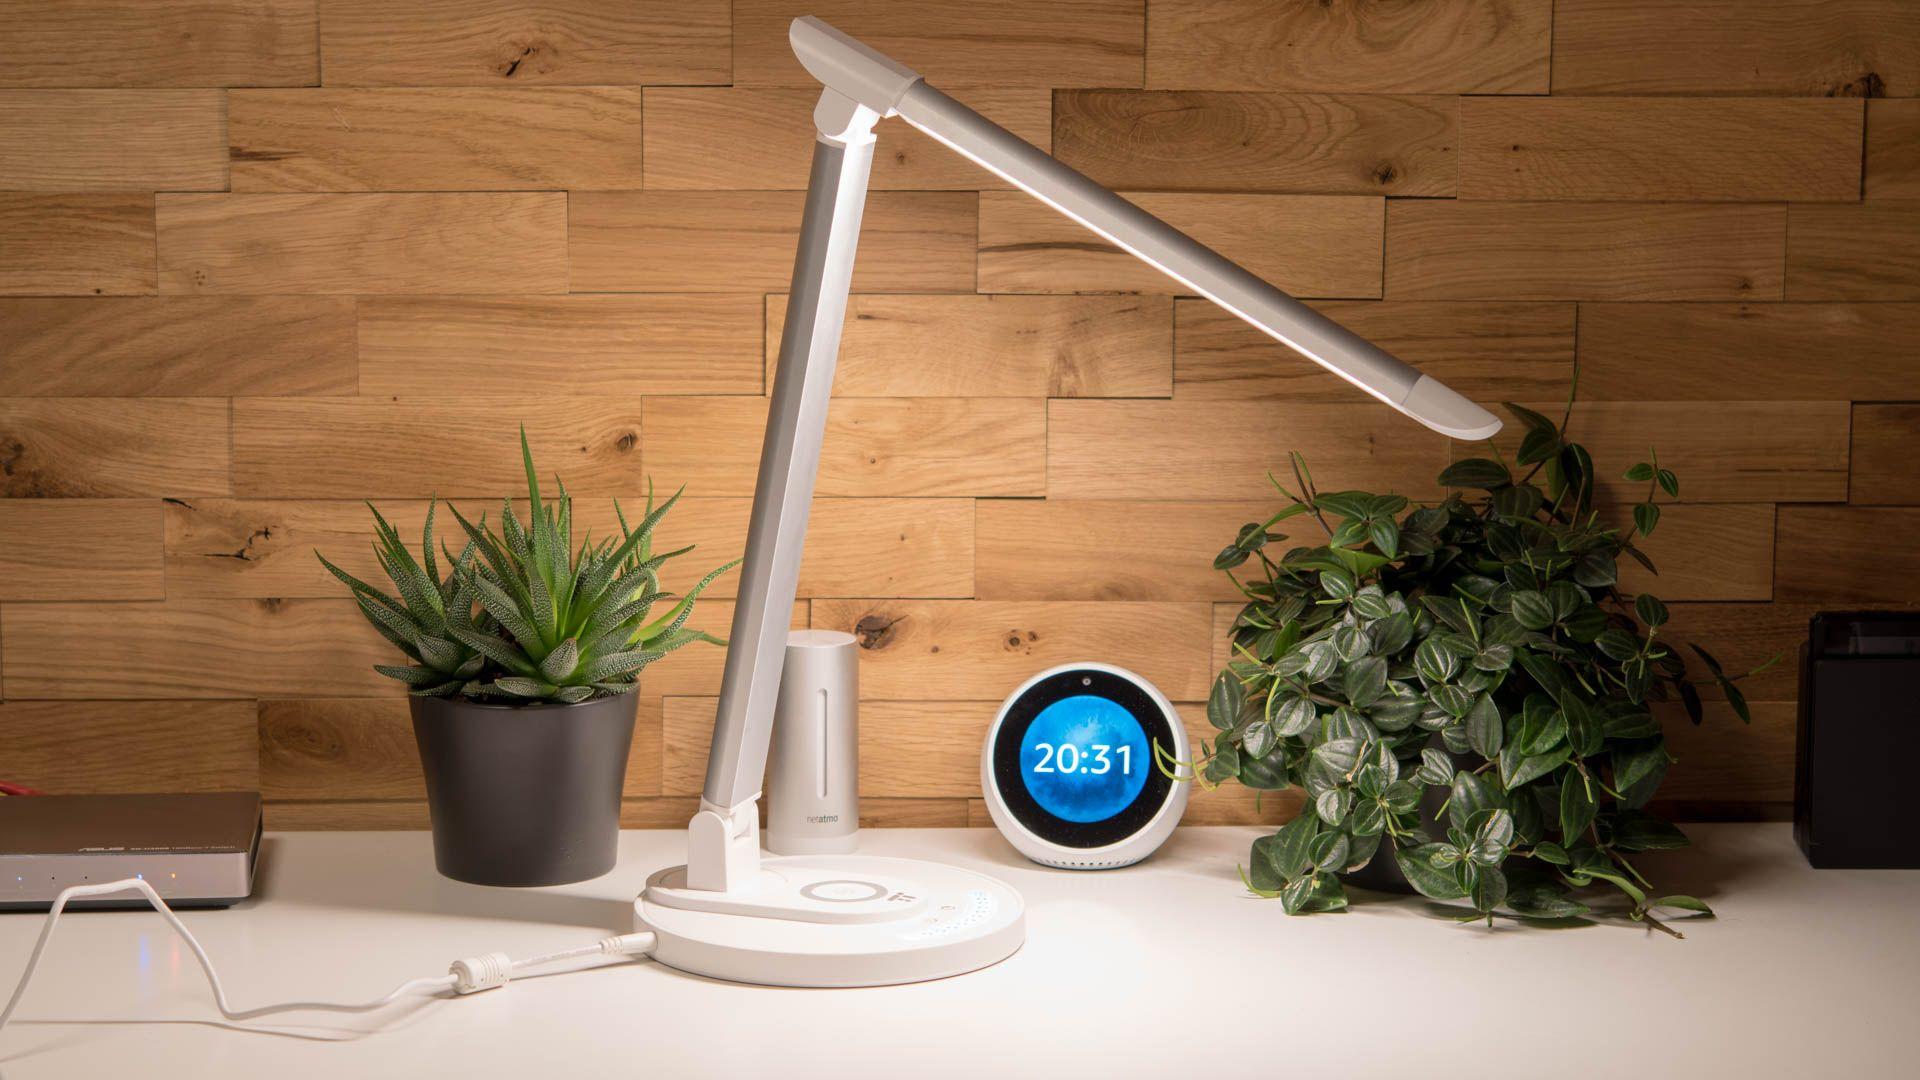 TaoTronics TT-DL036: Schreibtischlampe LED 12W mit kabelloser Ladestation, 7.5W Schnellladegerät kompatibel mit allen Qi-fähigen Geräte